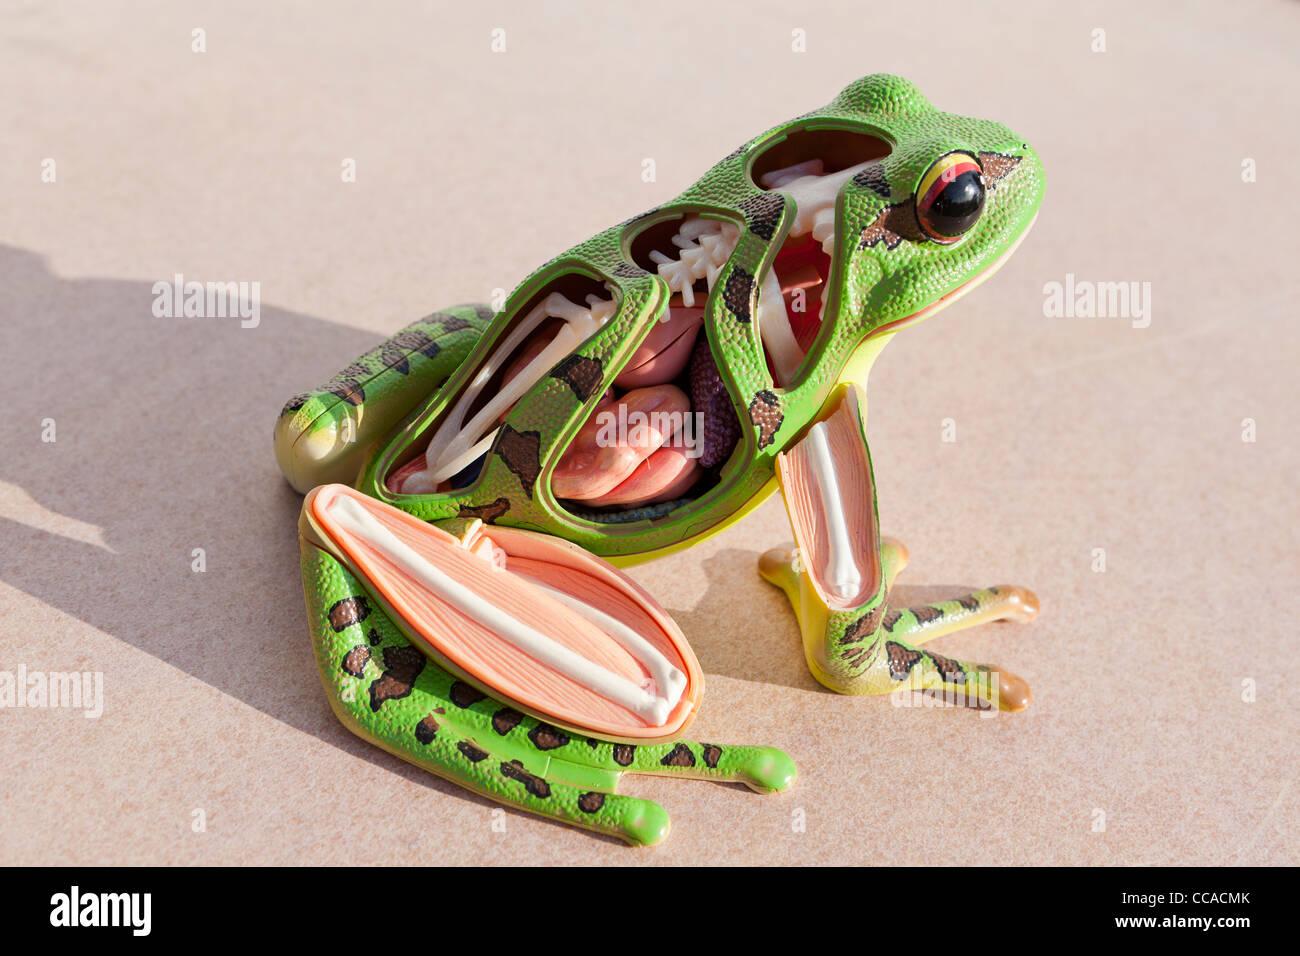 Charmant Frosch Innere Anatomie Diagramm Beschriftet Bilder ...